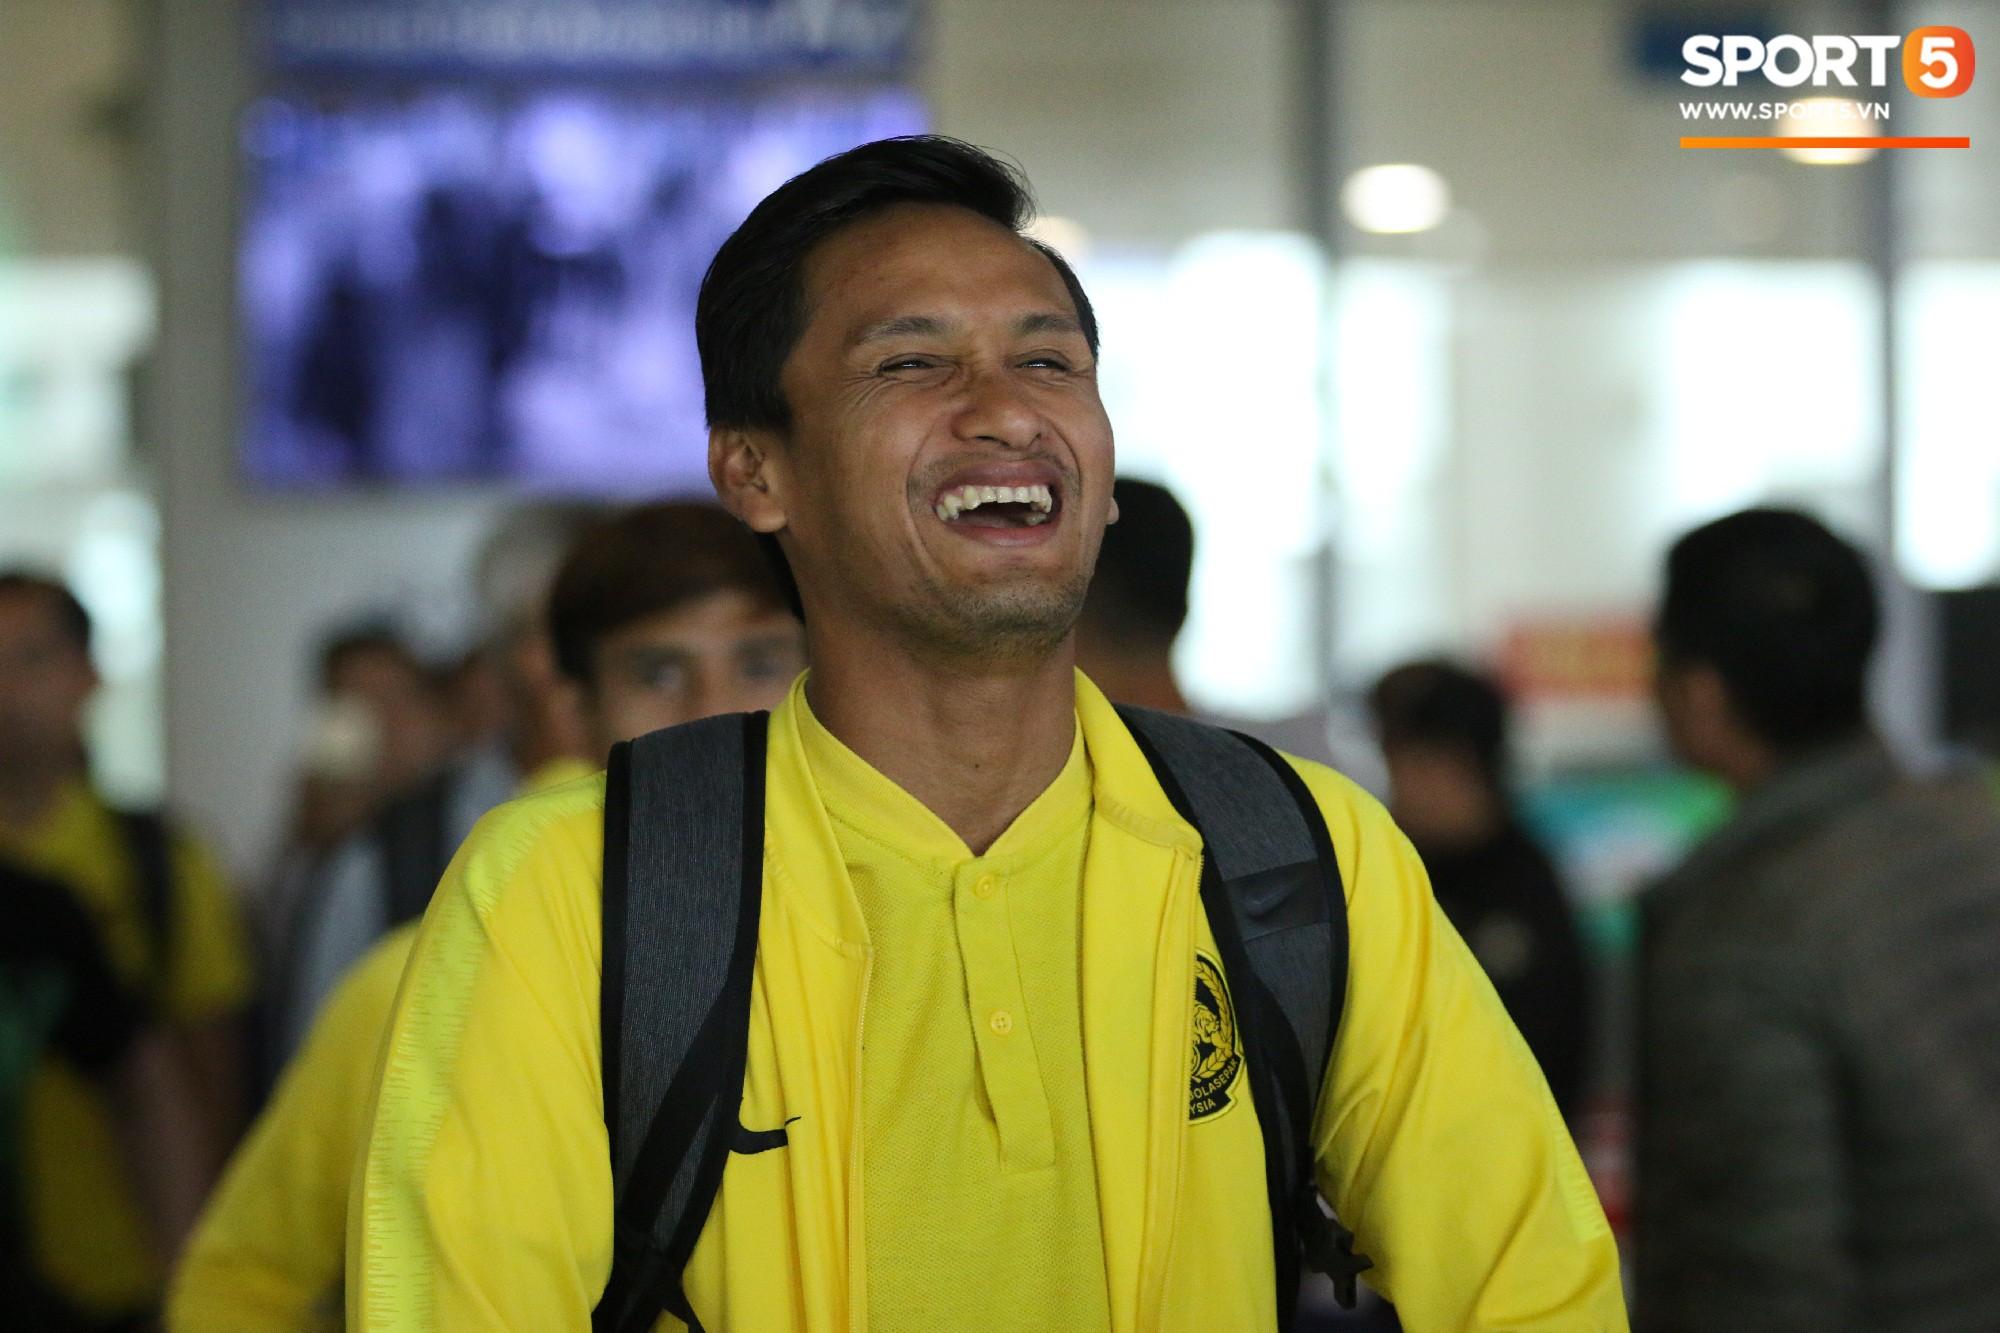 HLV trưởng Malaysia đi cùng người phụ nữ bí ẩn sang Việt Nam đá trận chung kết AFF Cup 2018 - Ảnh 1.